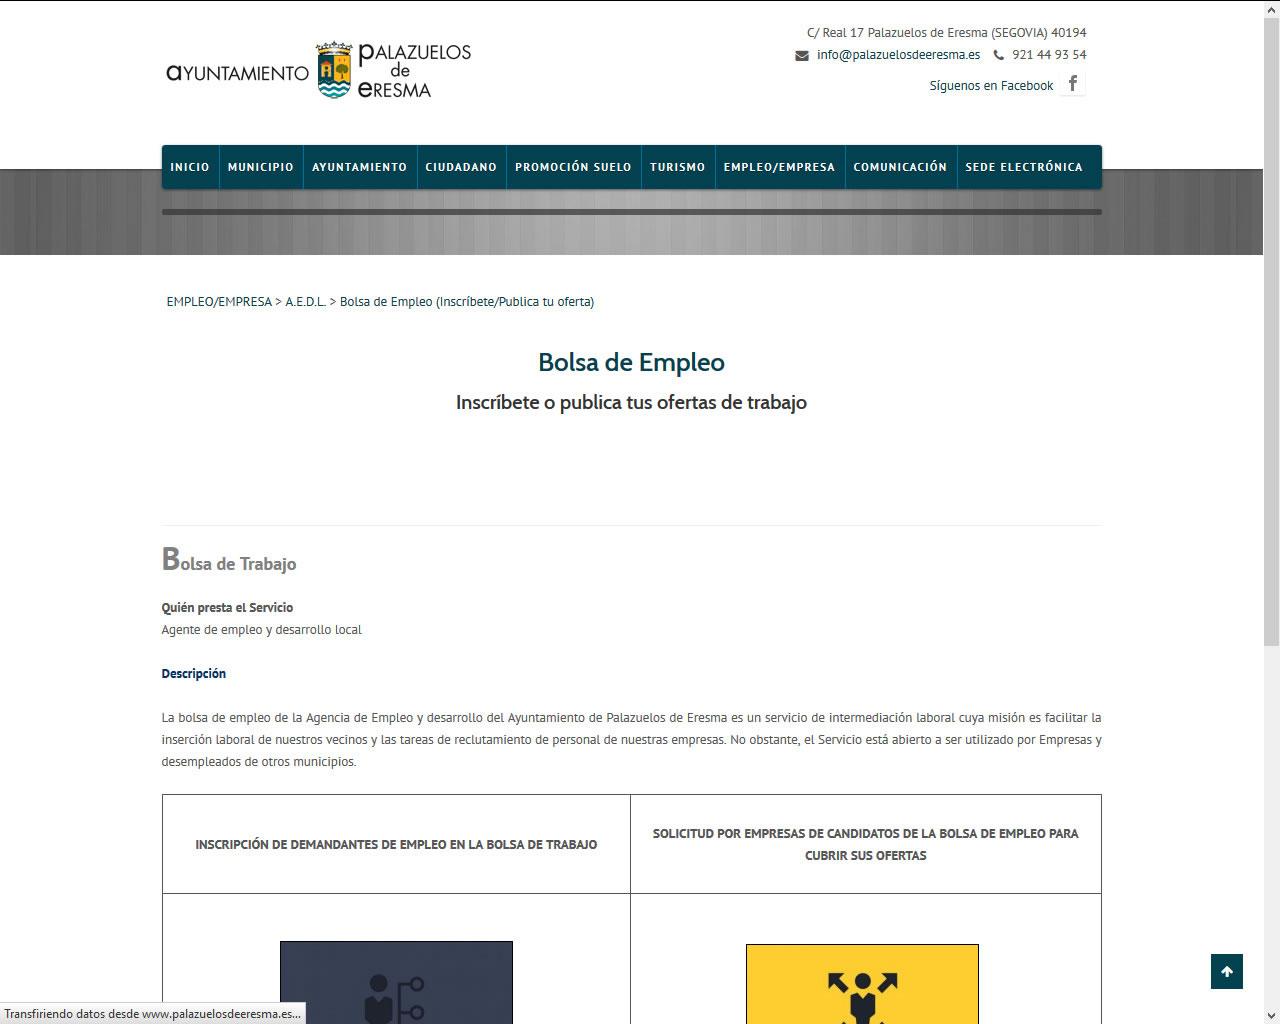 Proyectos - Ayuntamiento de Palazuelos de Eresma